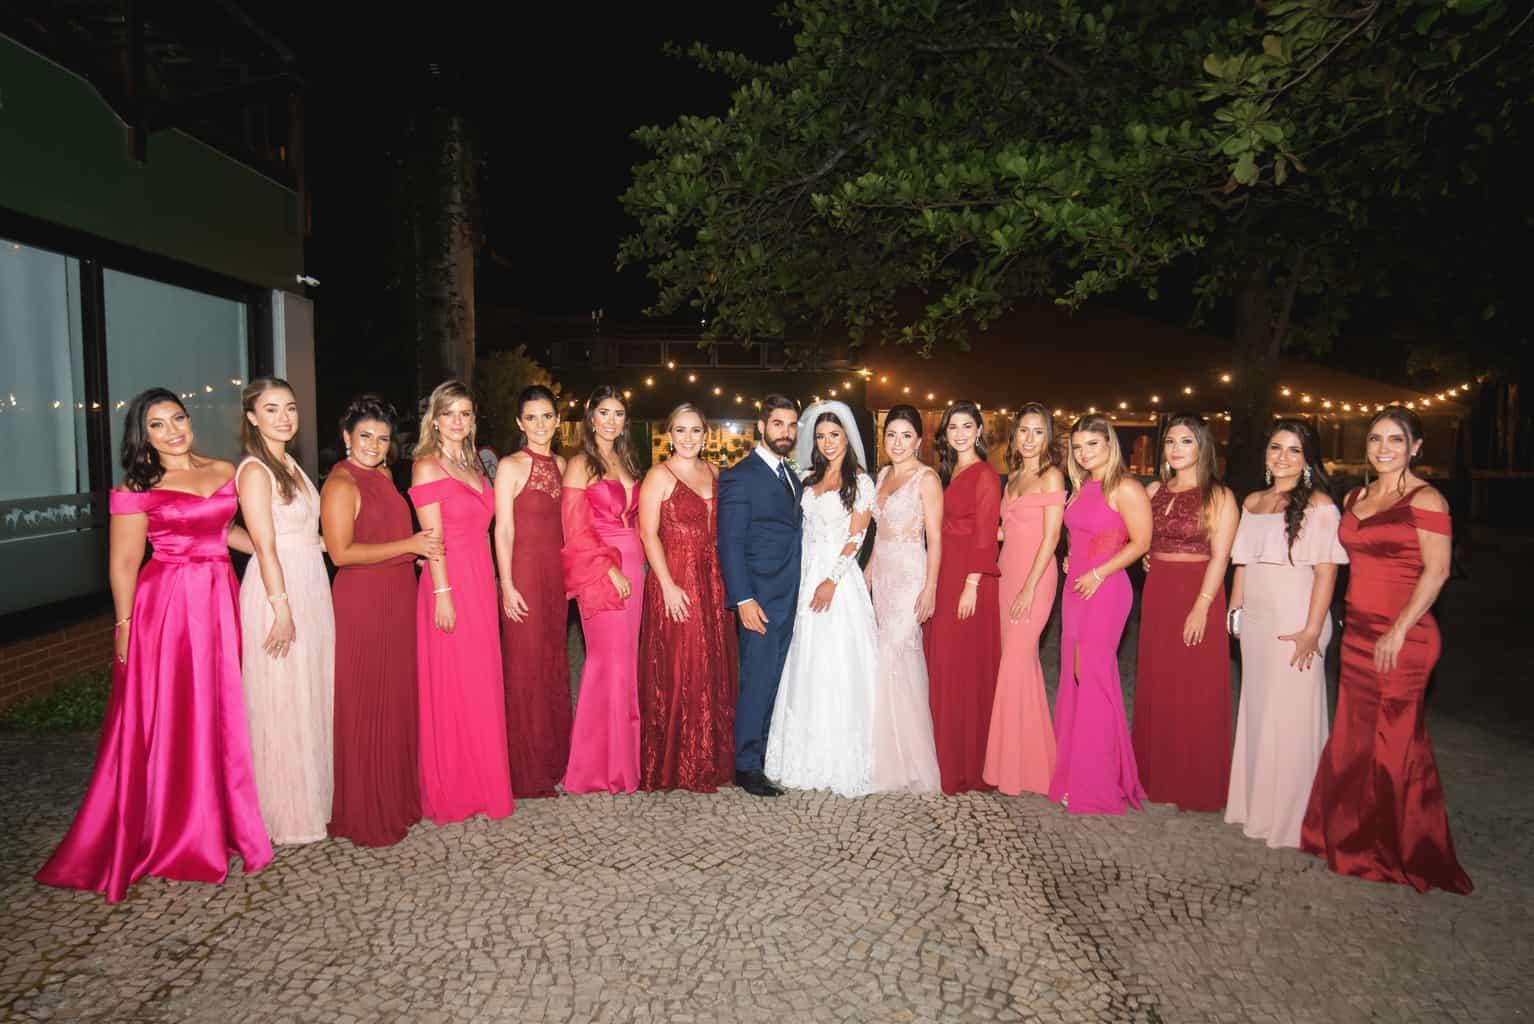 casamento-clássicocasamento-tradicional-casamento-stephanie-e-daniel-Fotografia-V-Rebel-96